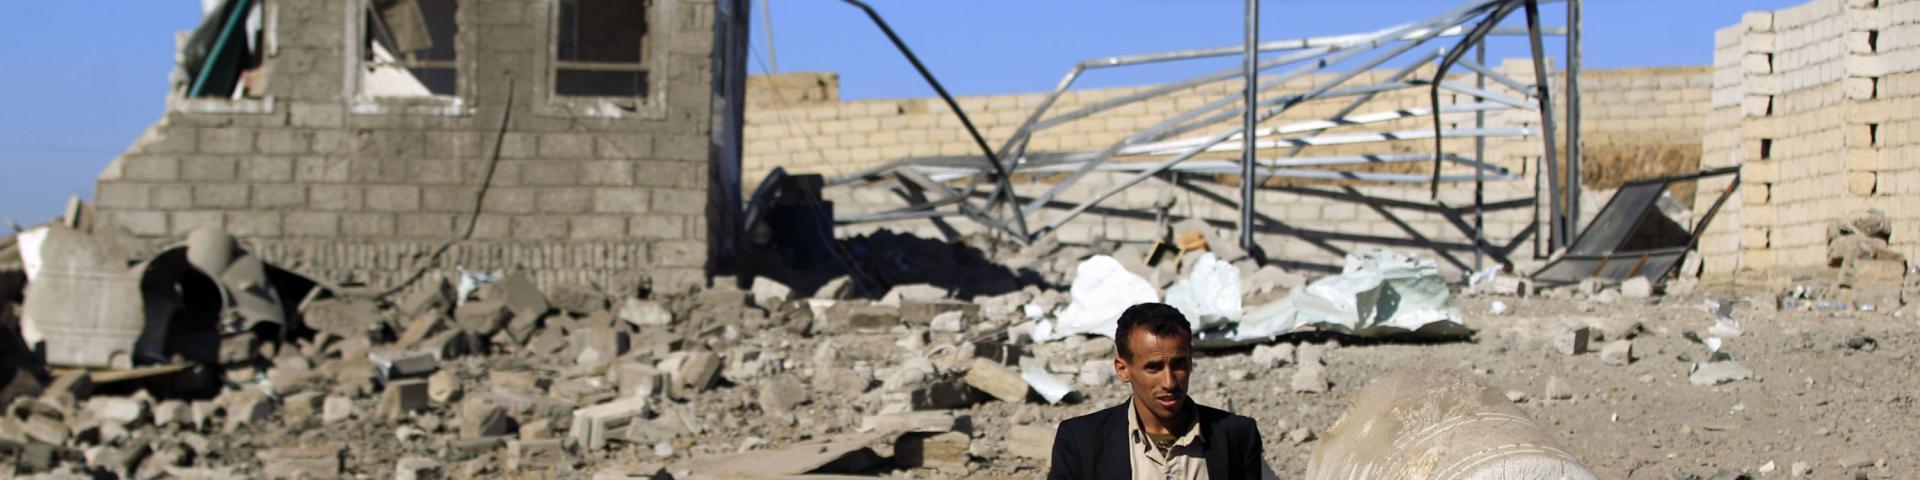 Armes françaises au Yémen : des journalistes convoqués par la justice